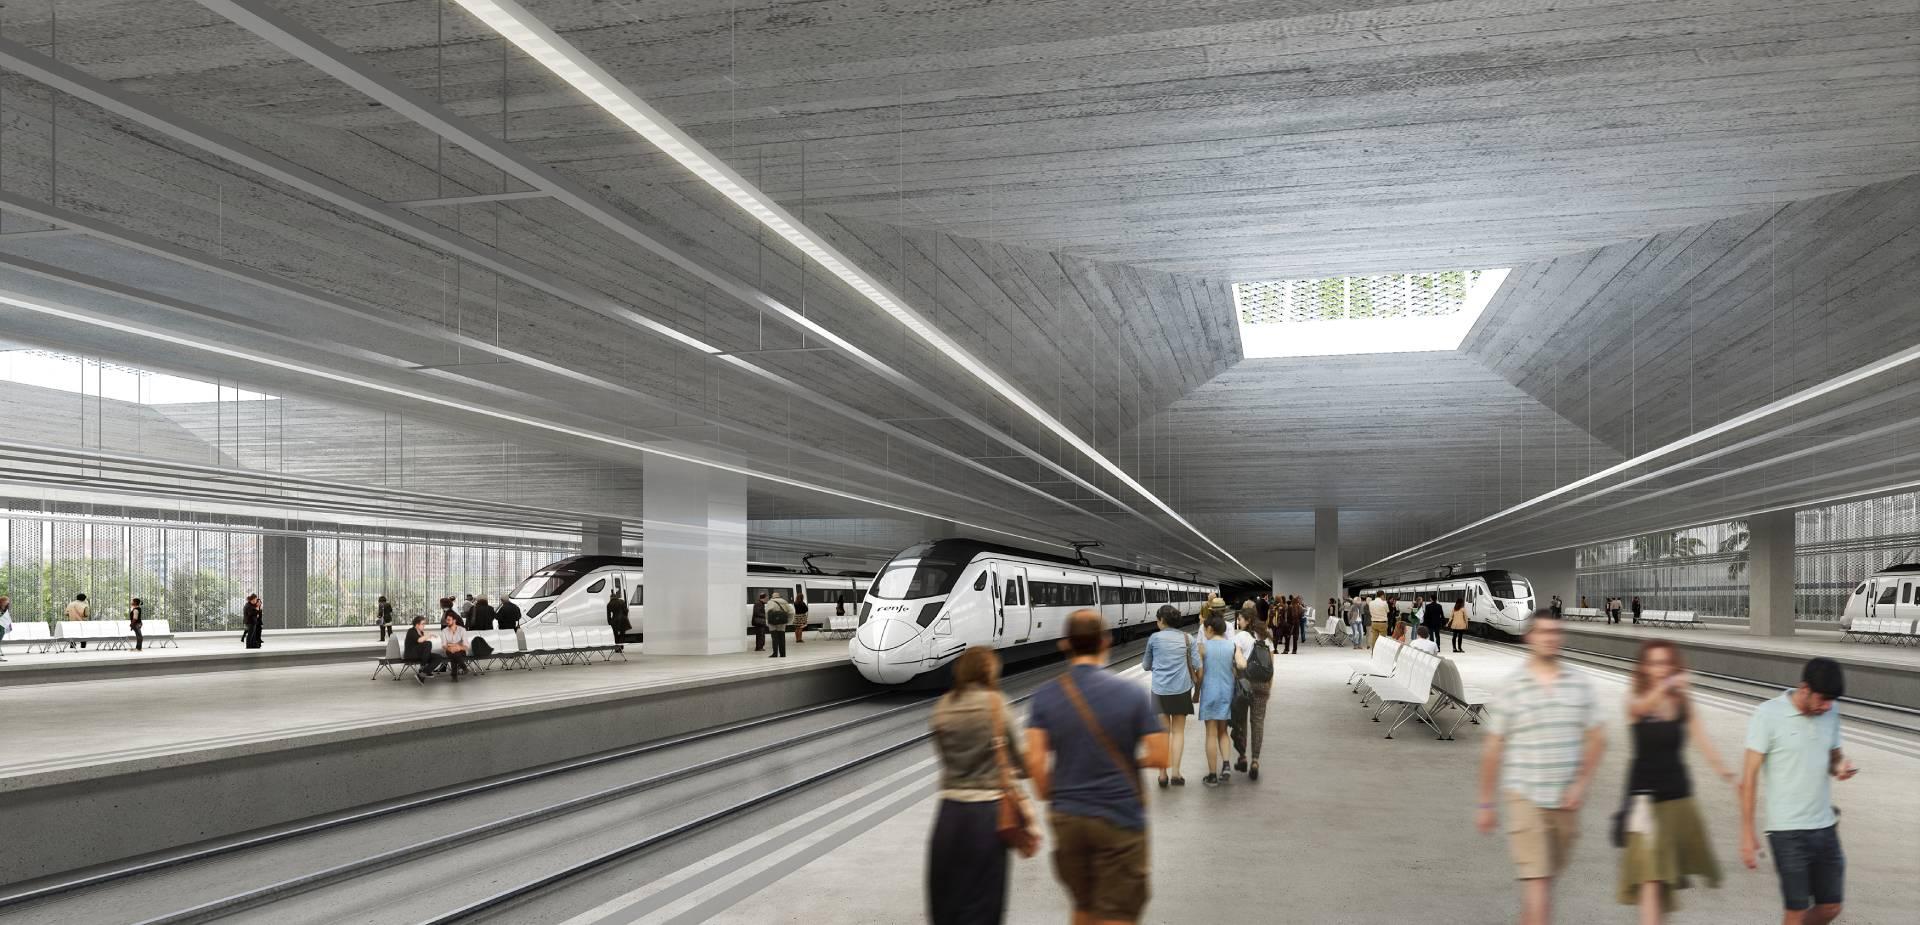 Sagrera Intermodal Station